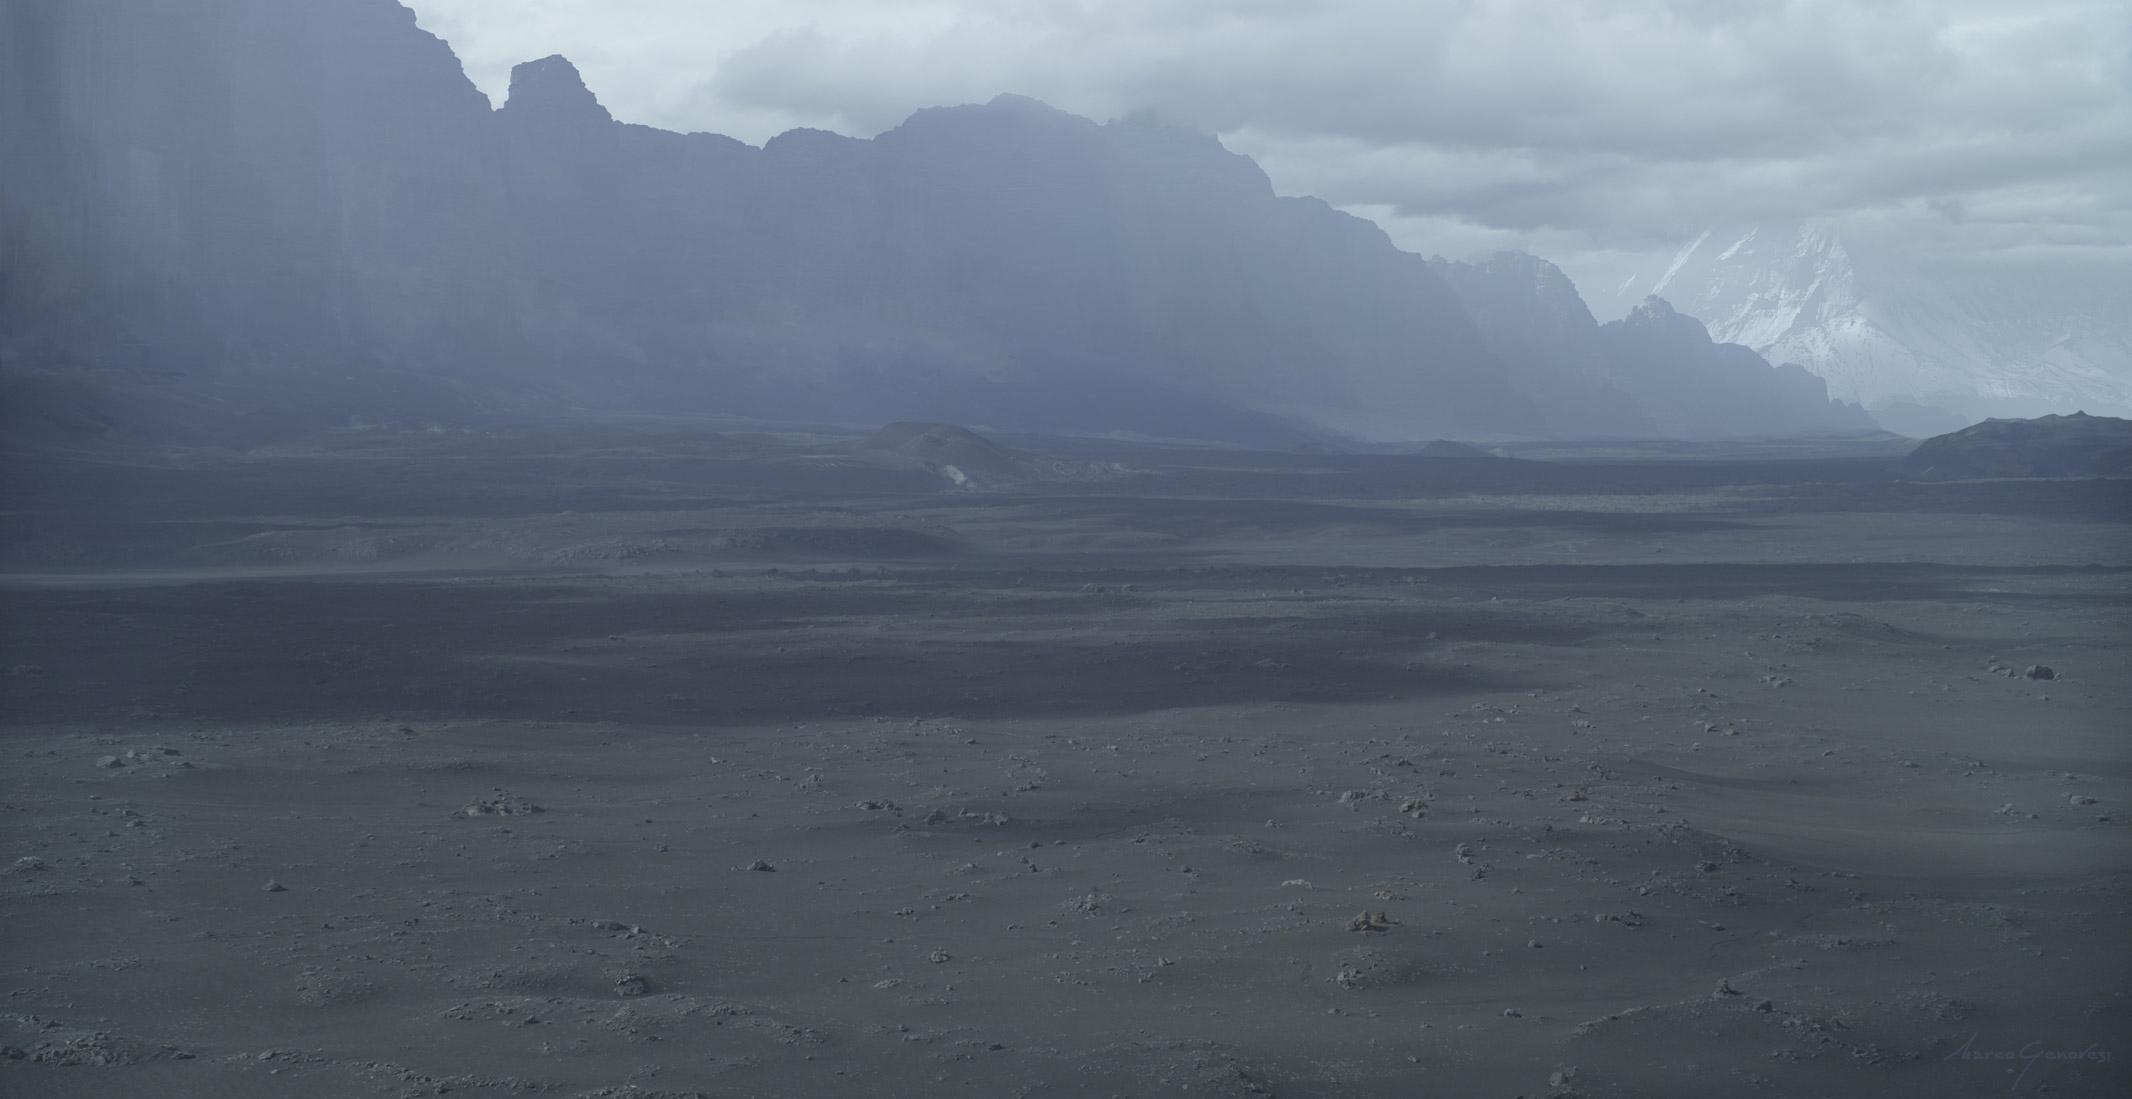 Предгорья Железных Холмов Prometheus_030_dp_760_Concept_LV233_alien_valley